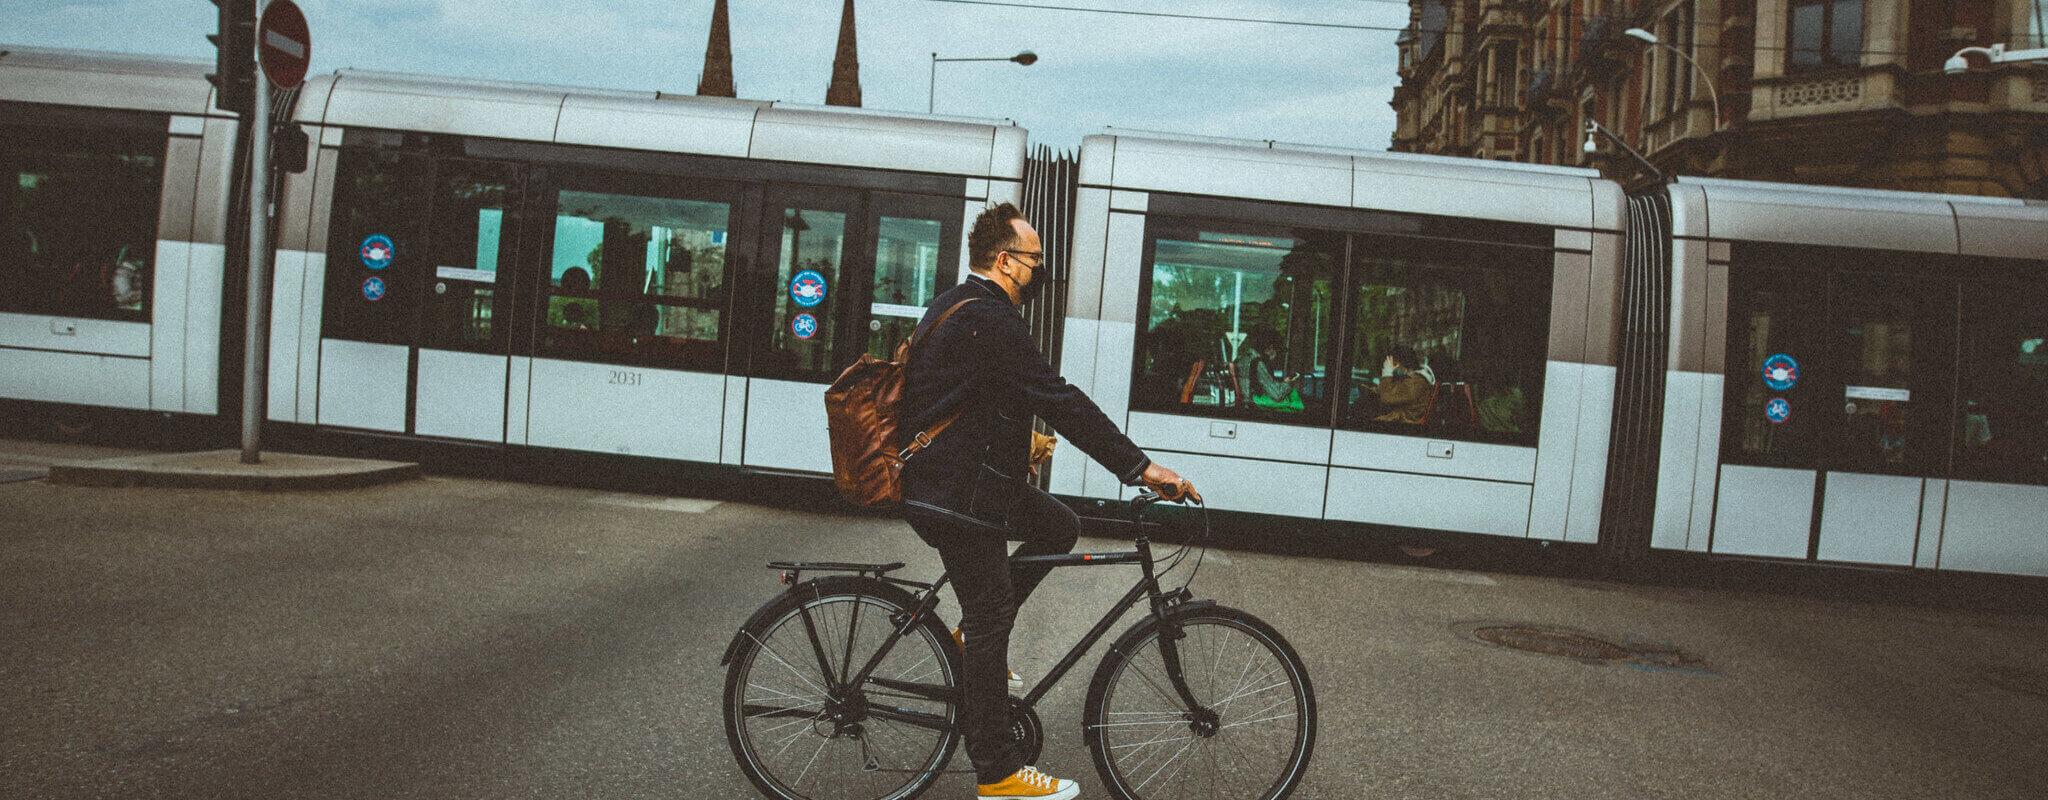 Le 9 juin, vélos et trottinettes à nouveau les bienvenus dans les trams